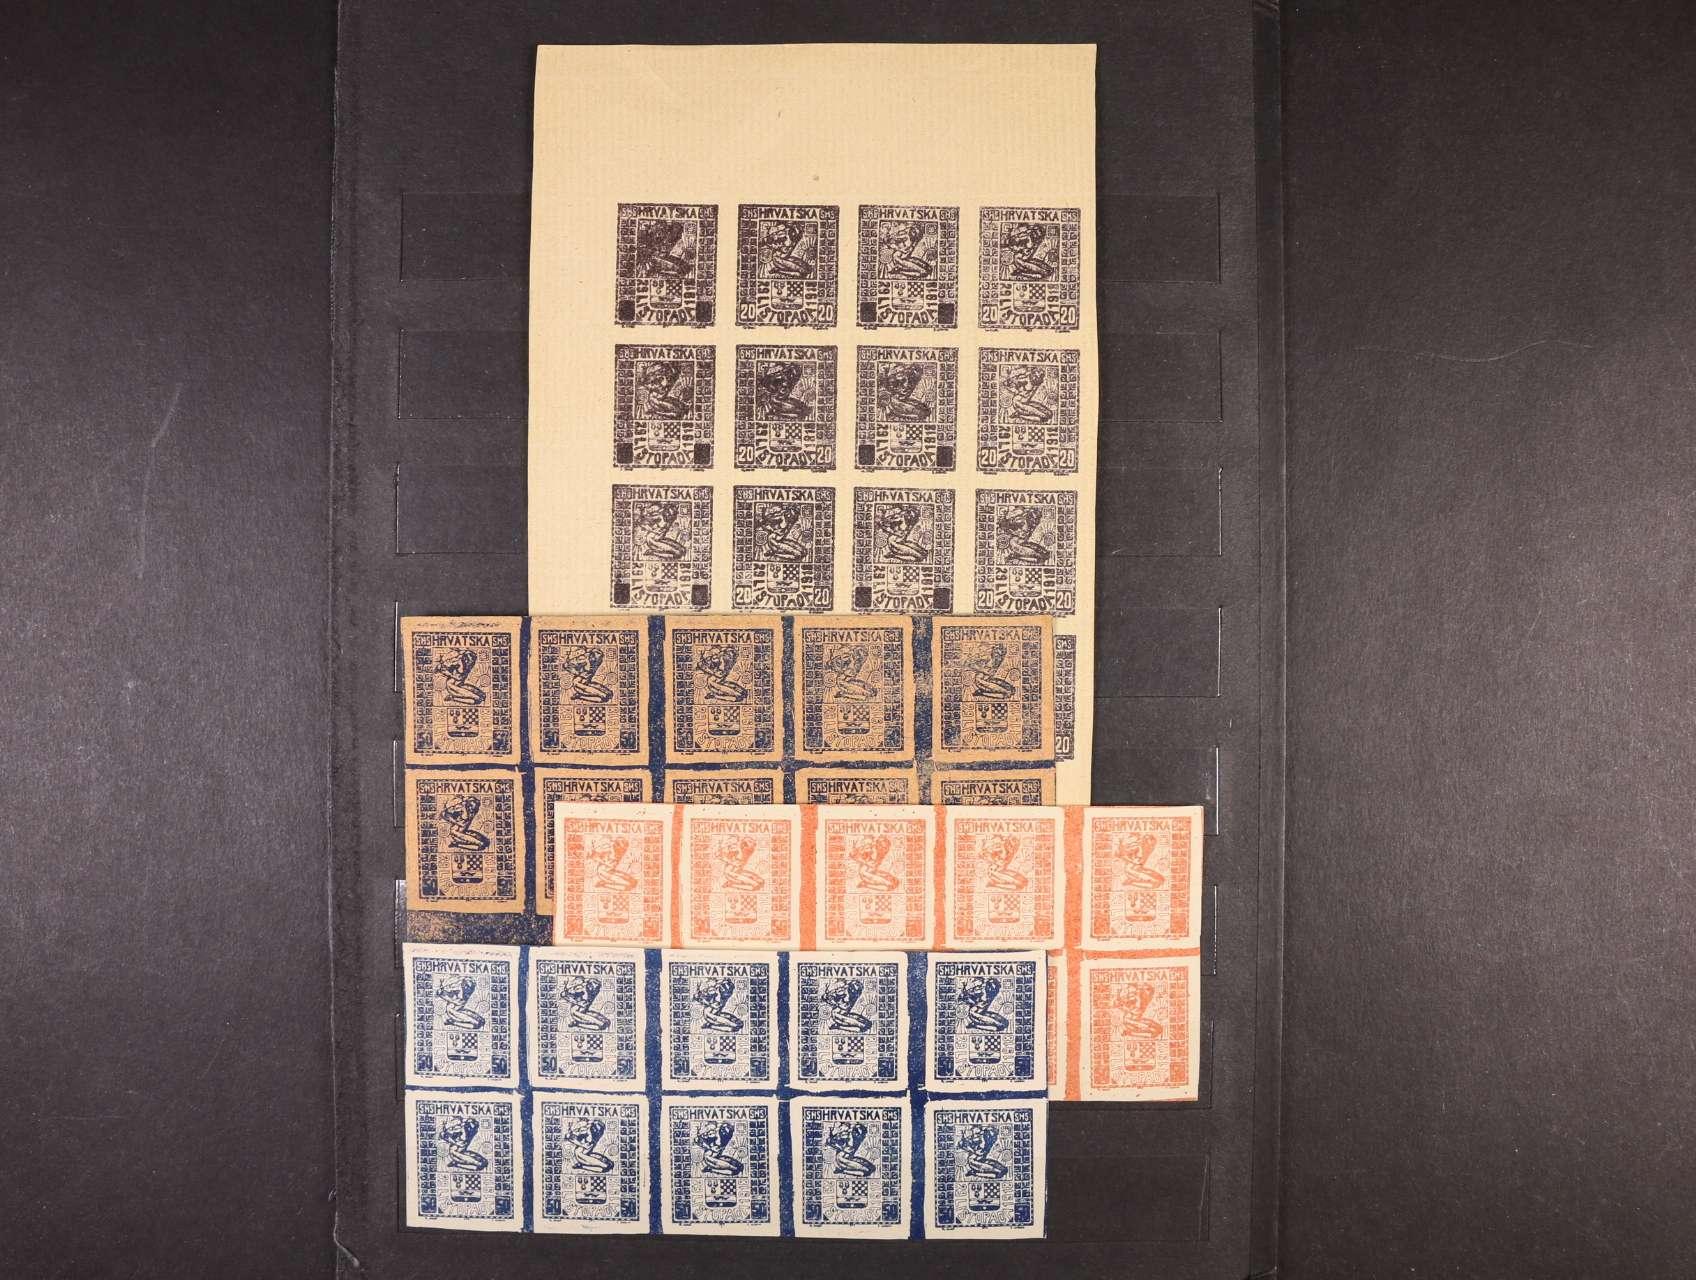 SHS Hrvatska 29. listopada 1918 - sestava nepřijatých návrhů - 3x v 10ti-bloku v barvě modré a červené na bílém papíře a v barvě černé na růžovém papíře, 16ti-blok v barvě fialové na nažloutlém papíře, 2x sestava fázových tisků ve zvětšeném formátu v barvě černé na kart. papírech